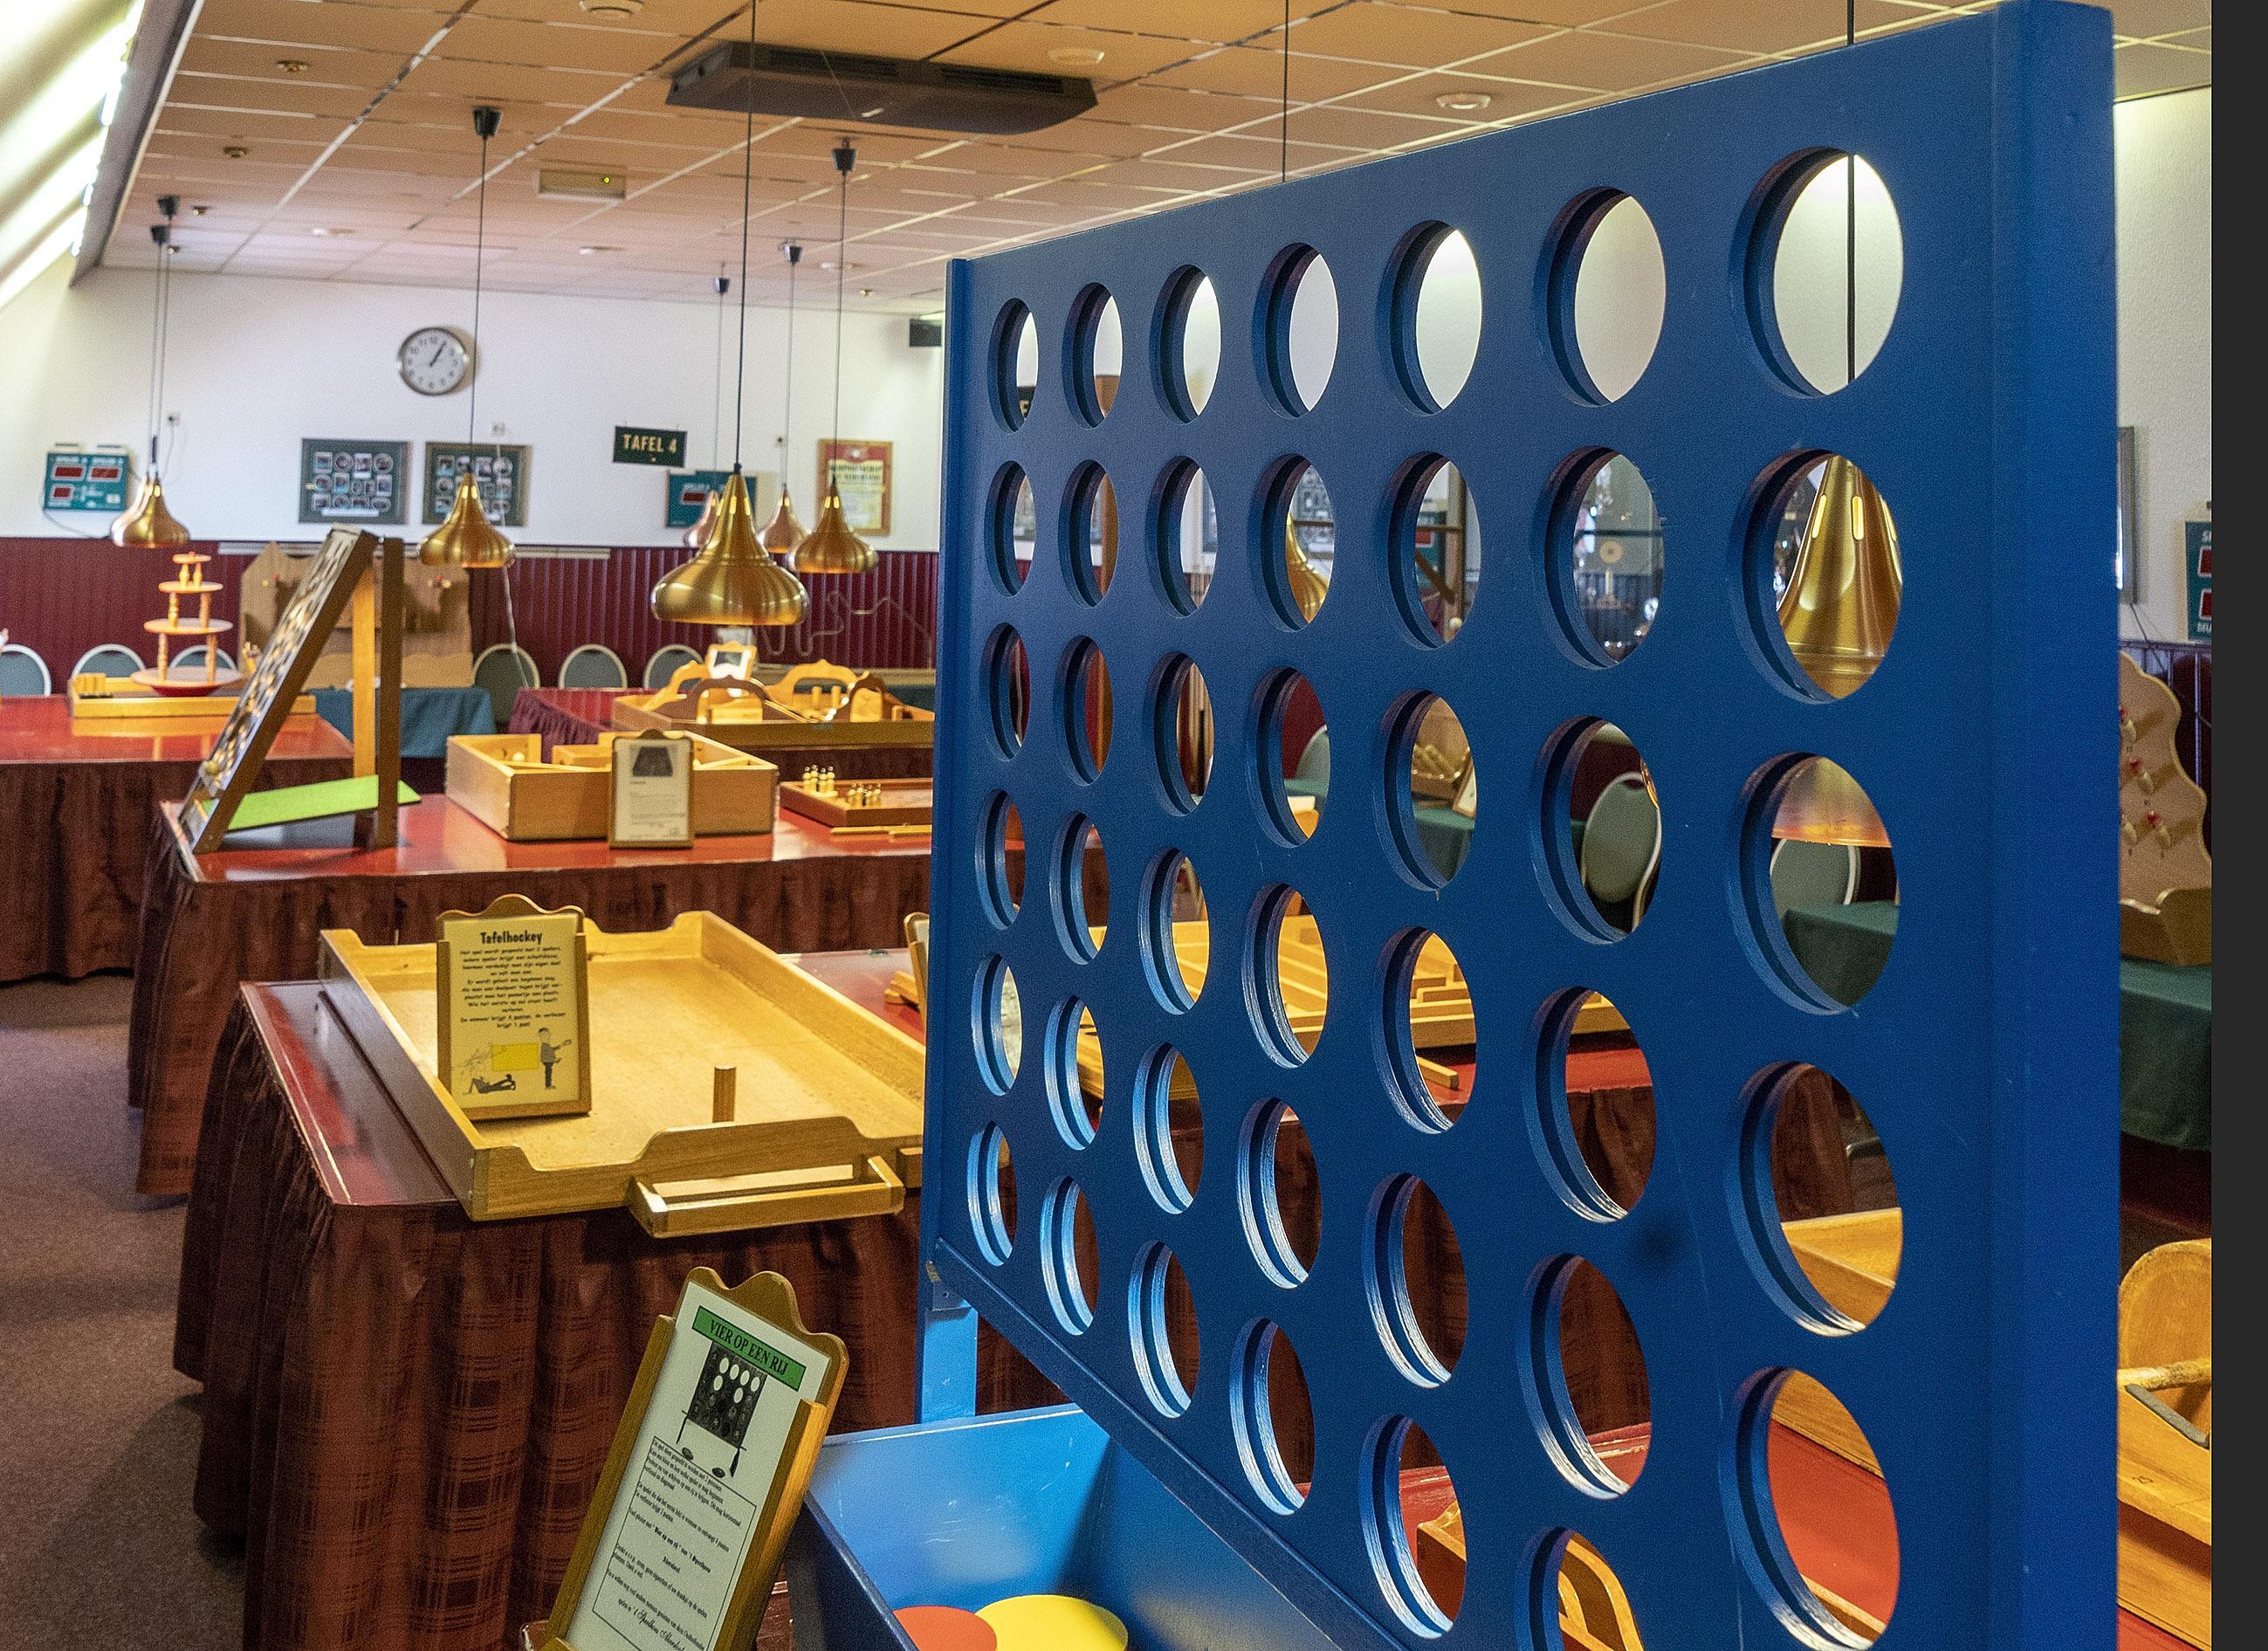 Café-restaurant De Vriendschap in Akersloot veilt complete inboedel: 668 kavels onder de digitale hamer. Zelfs de stamtafel wordt verkocht